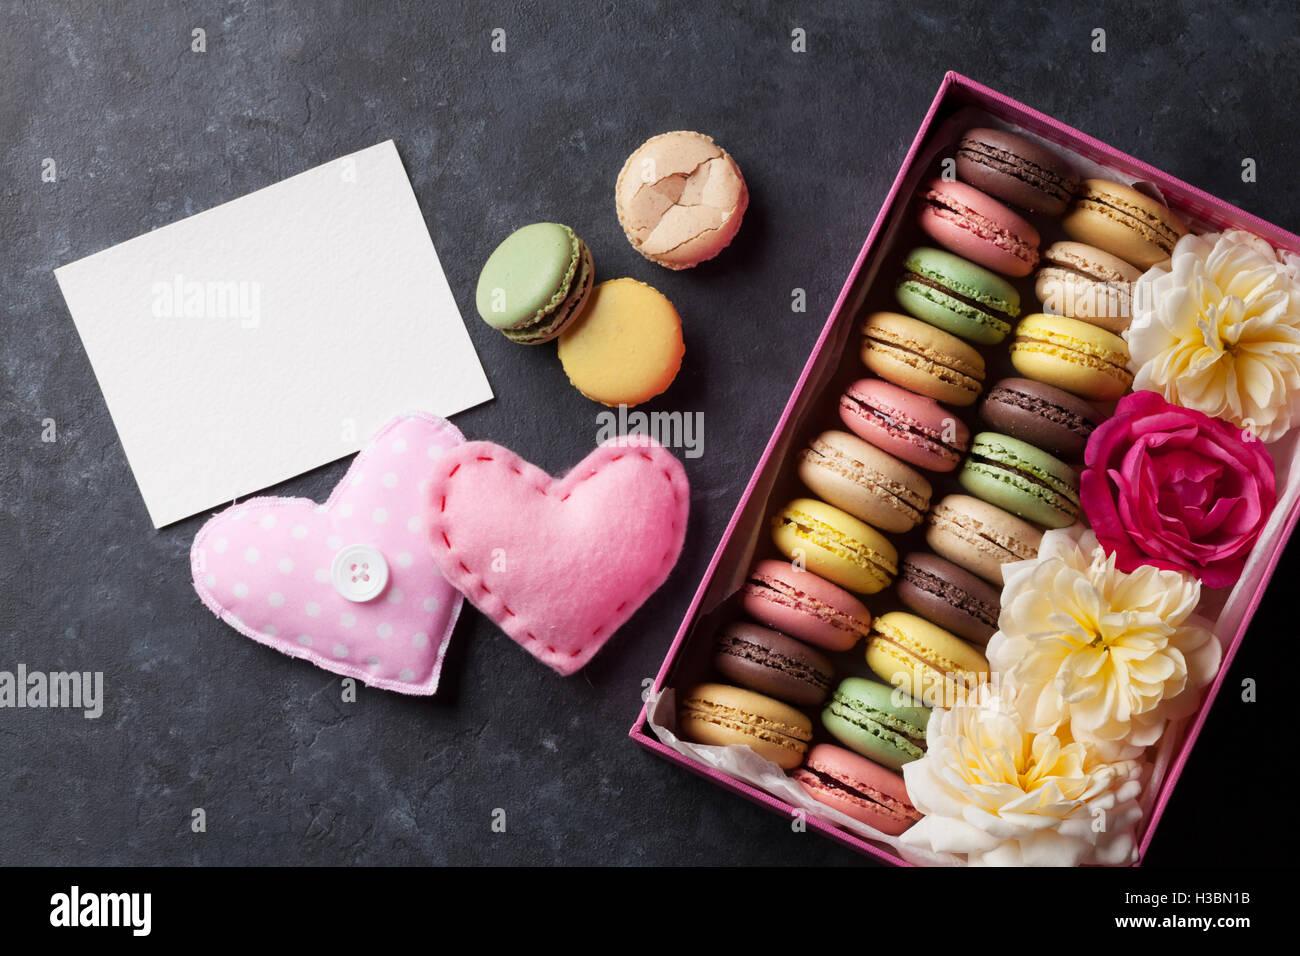 Macarons colorés et carte de vœux. Macarons sucrés en boîte-cadeau et des coeurs. Vue de dessus avec Photo Stock